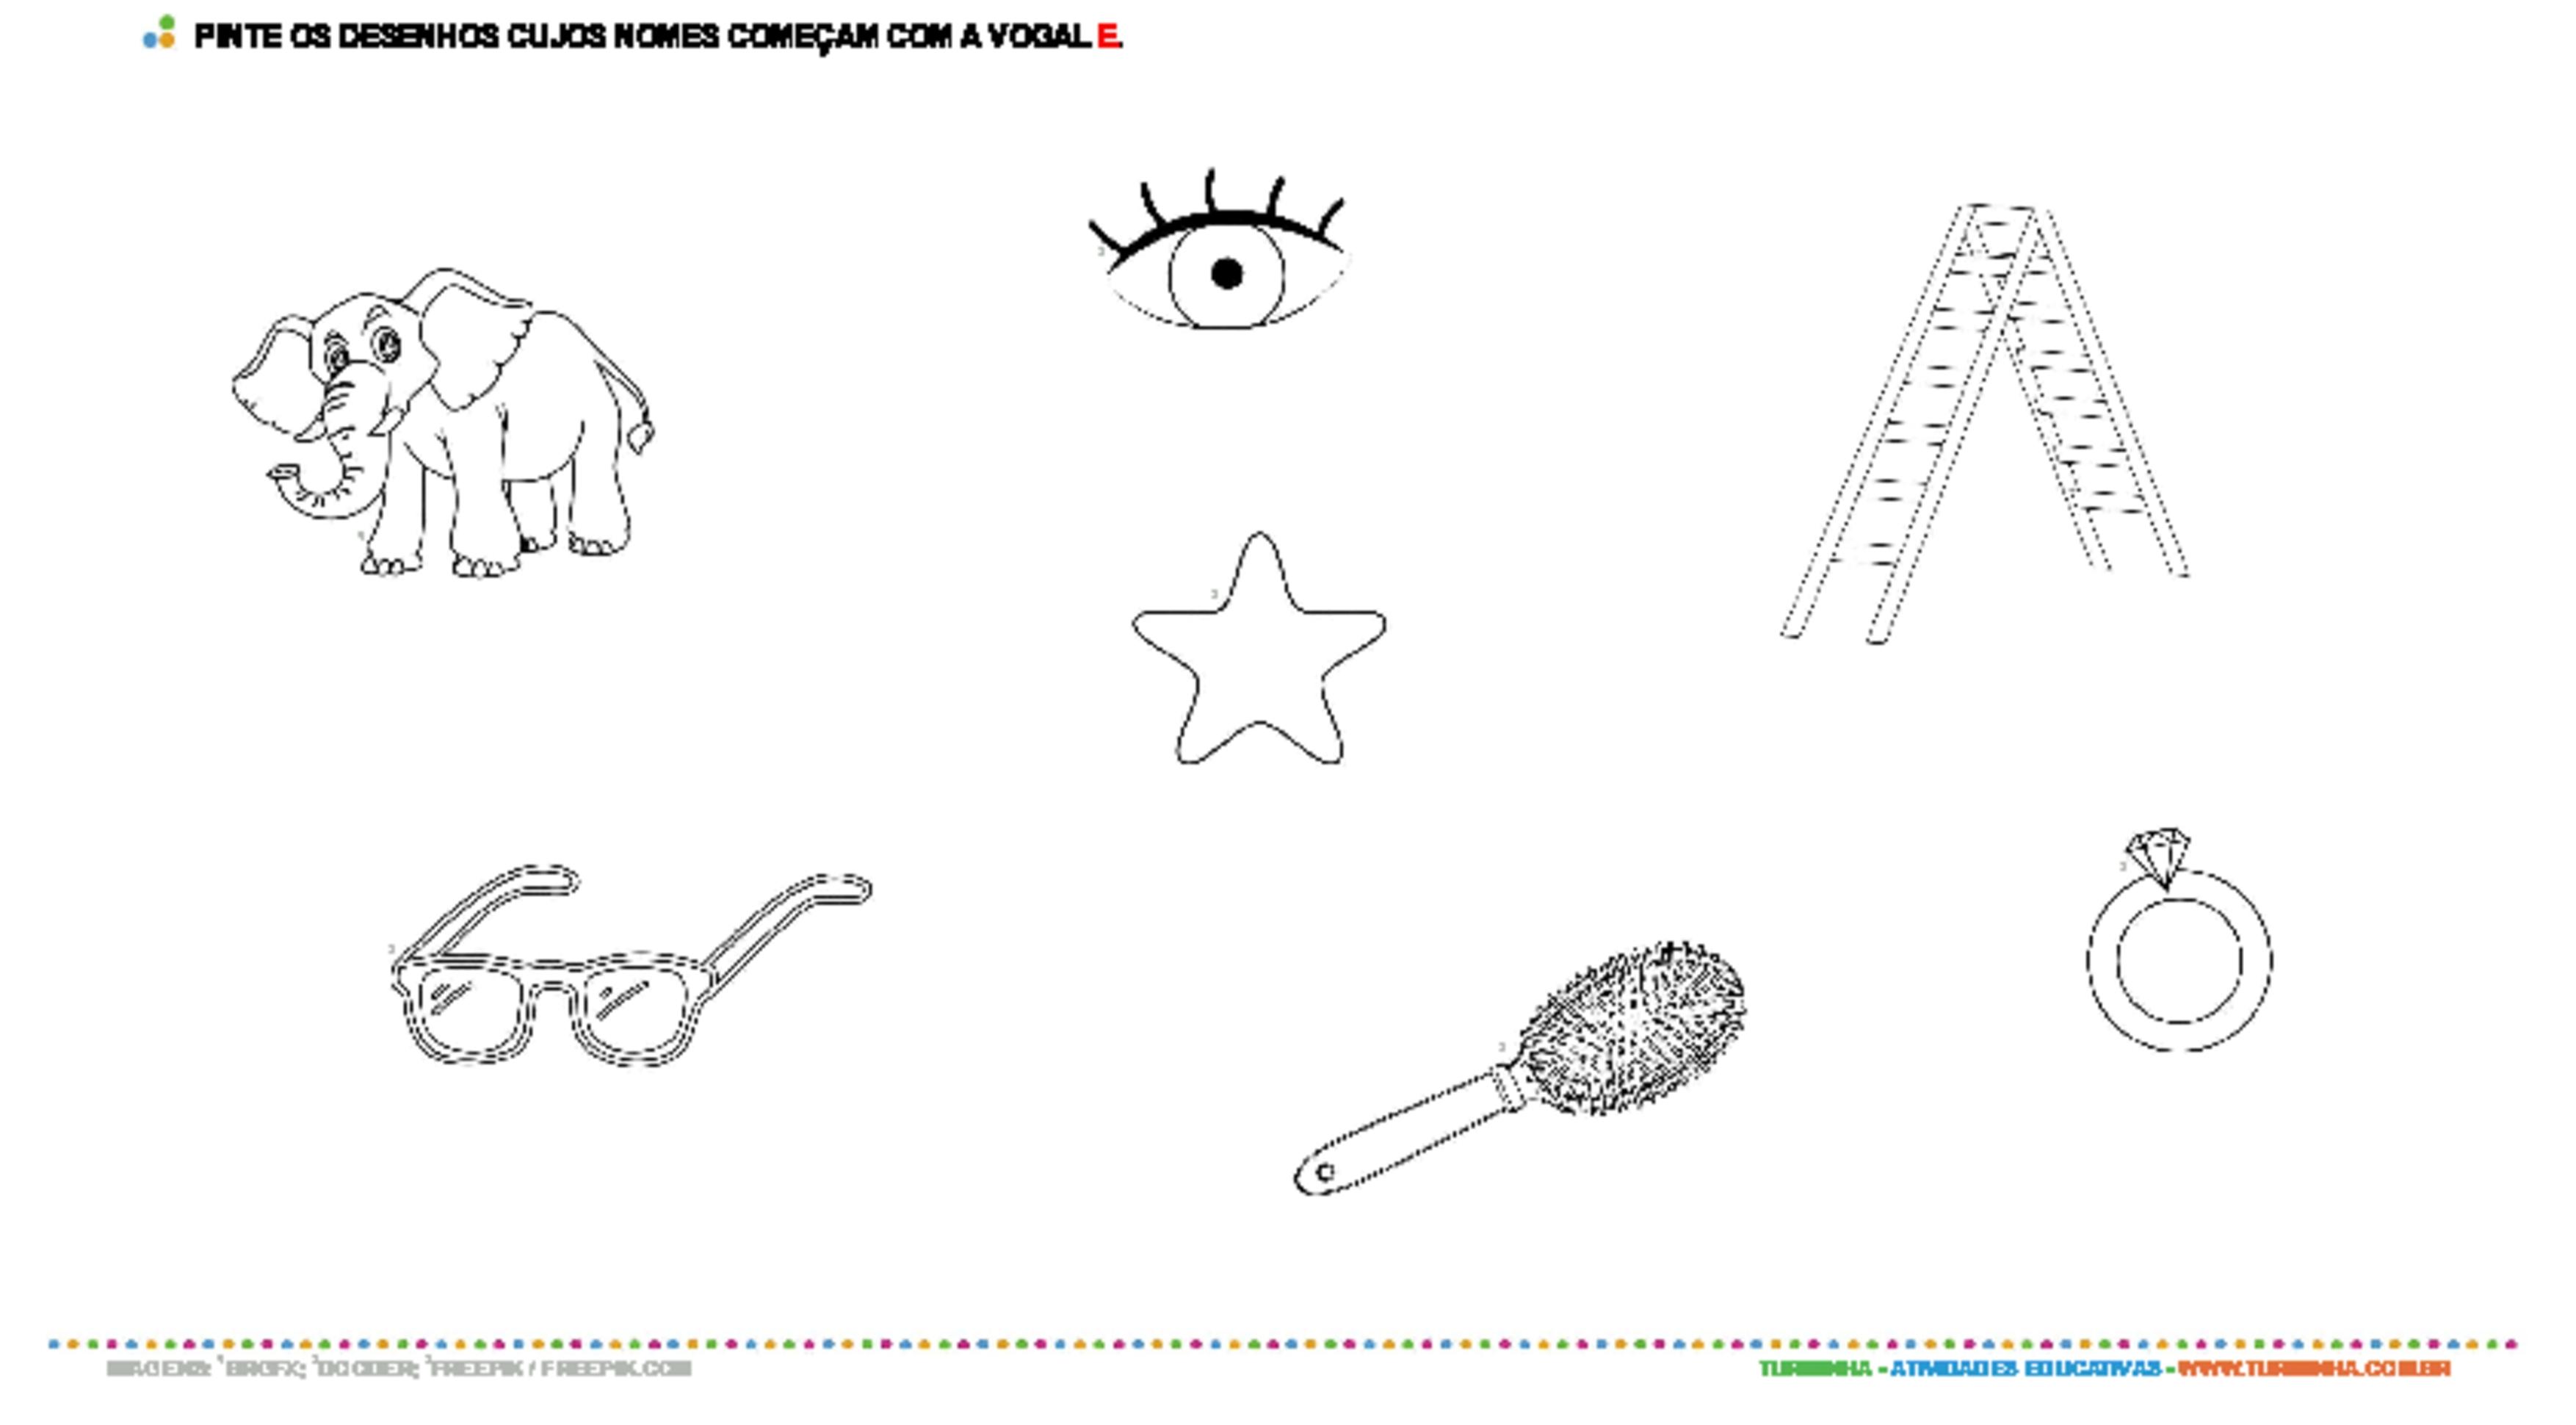 Colorindo desenhos com a vogal E - atividade educativa para Pré-Escola (4 e 5 anos)